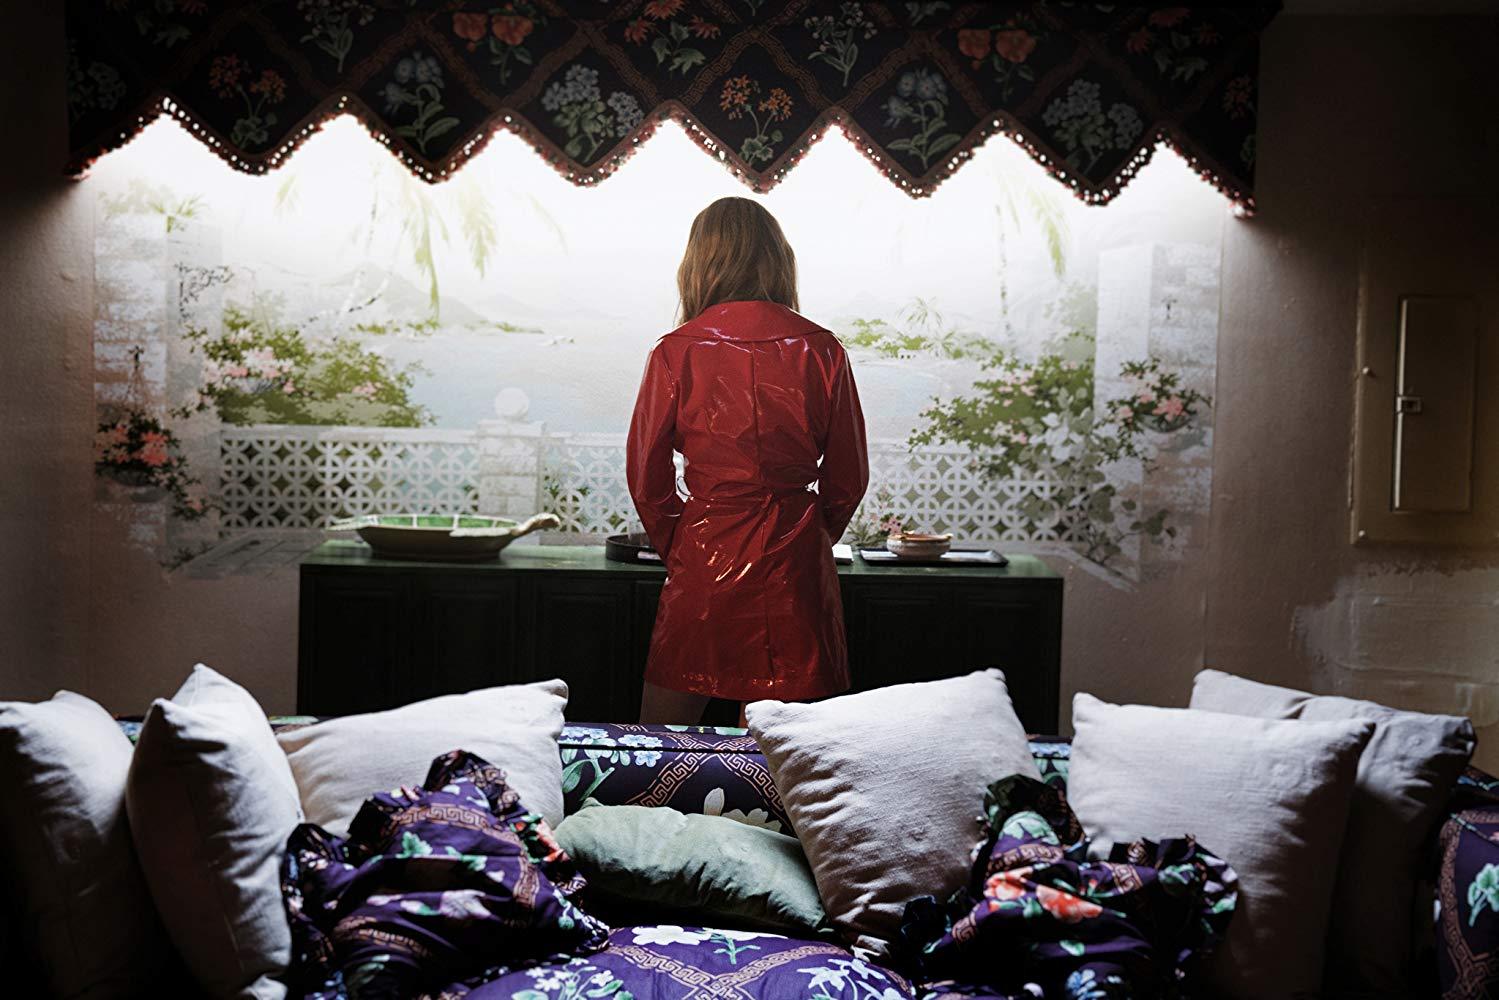 Odessa Young con la icónica gabardina roja.